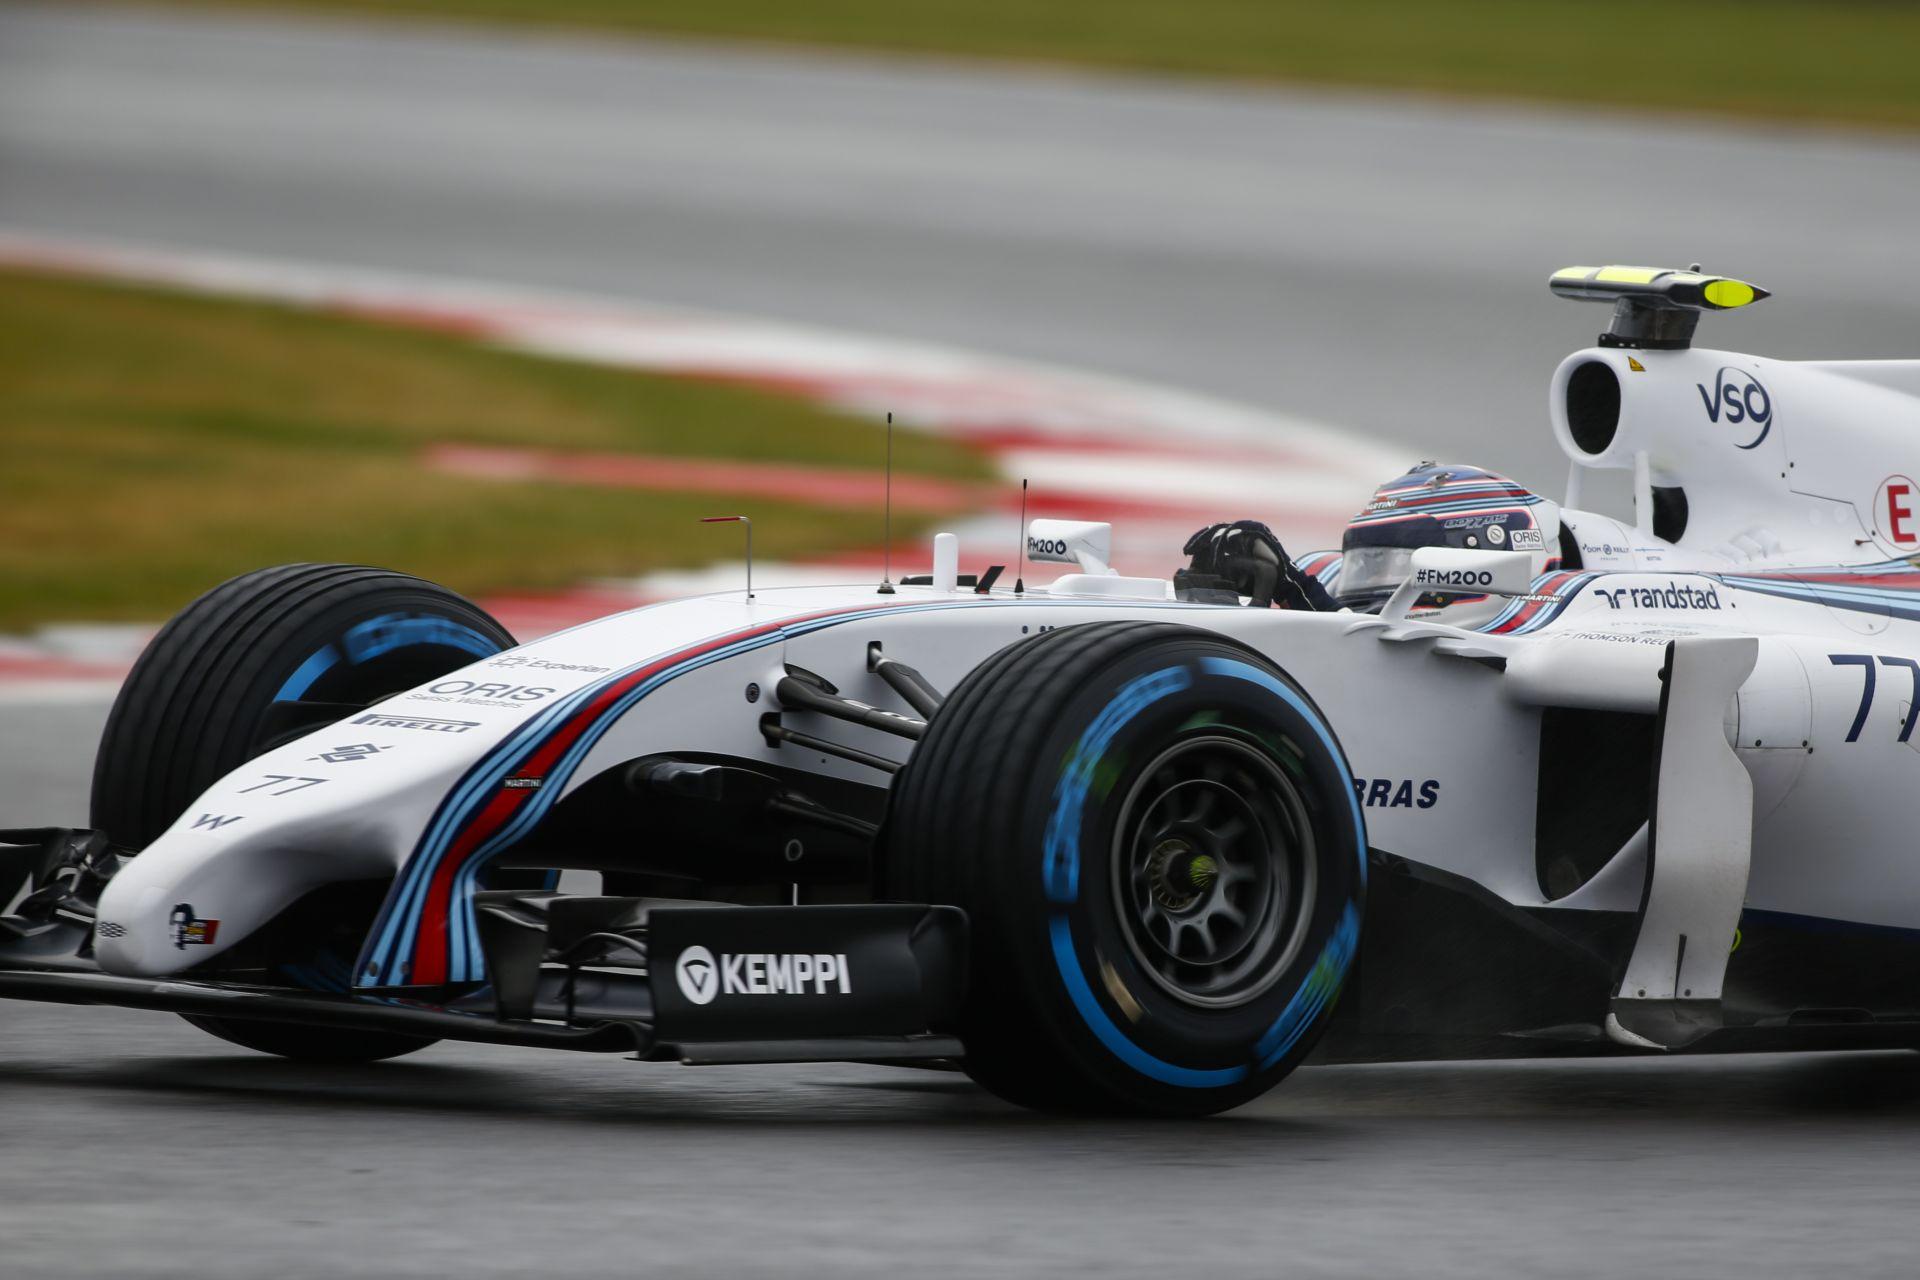 Újra bajnok lenne a Williams a Forma-1-ben: Pár éven belül ismét a csúcson lesznek?